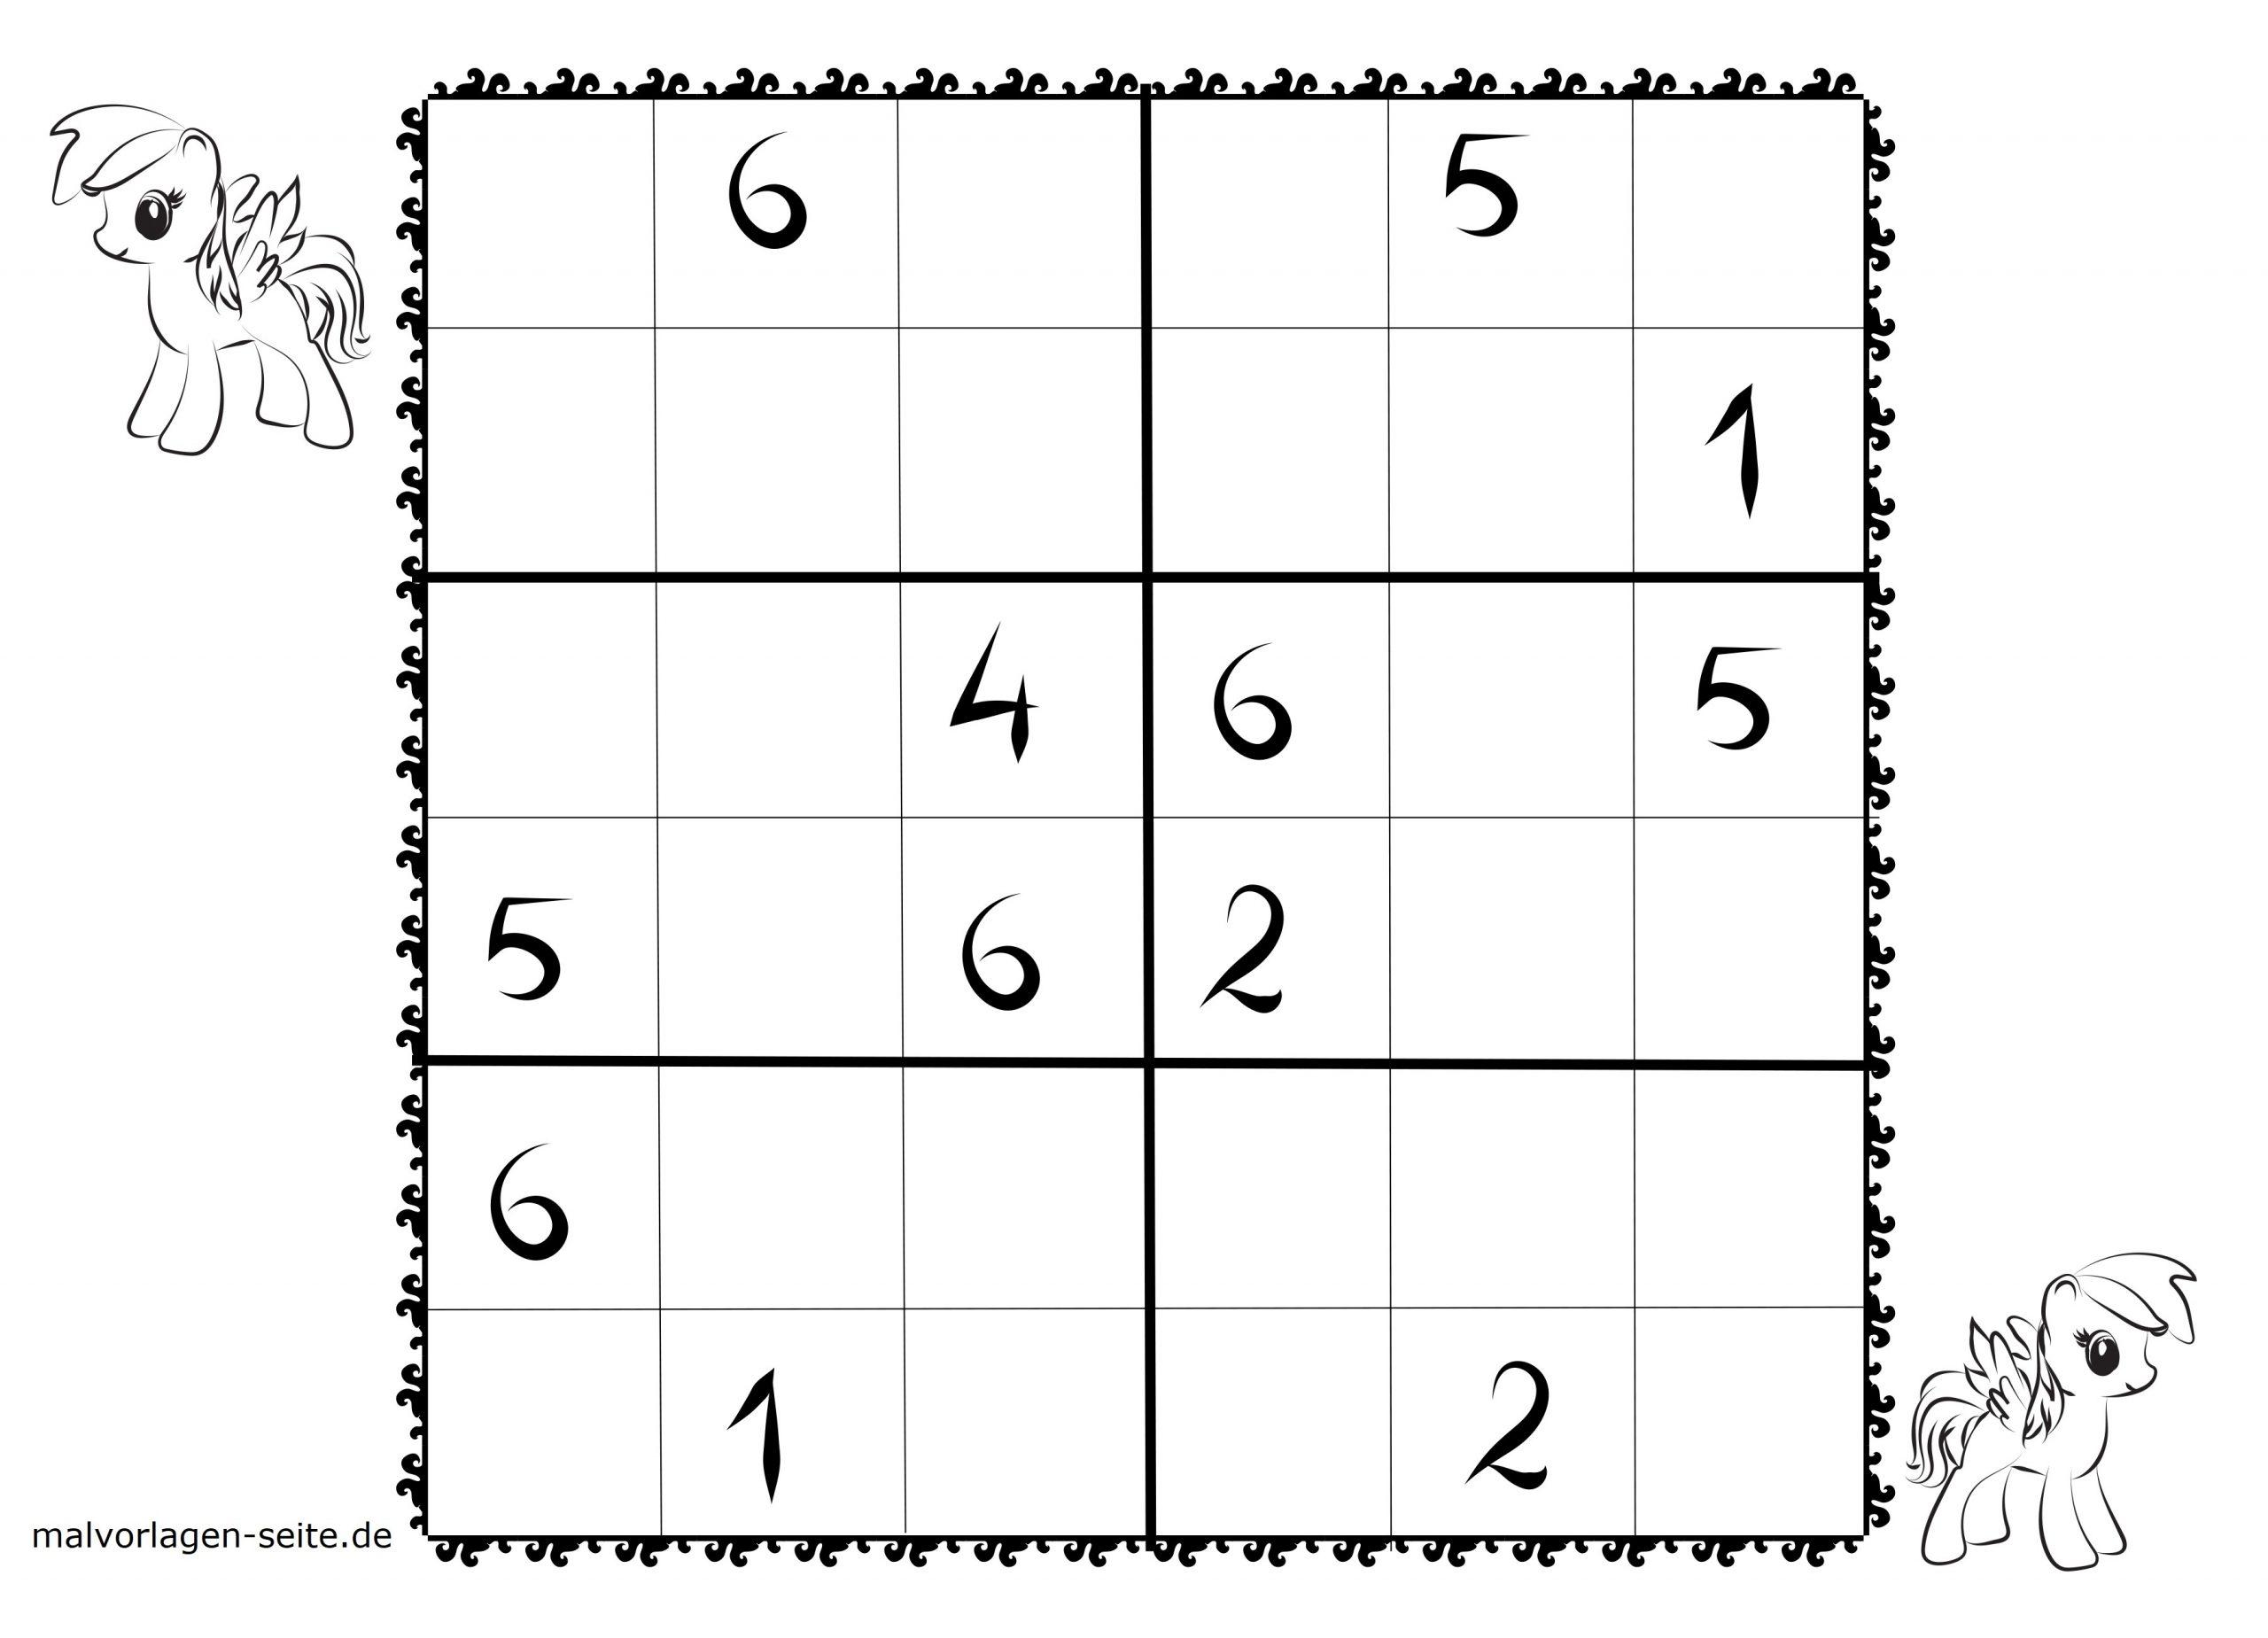 Sudoku Vorlagen Für Kinder 6X6 Kostenlos Herunterladen Und ganzes Sudoku Zum Ausdrucken Sehr Schwer